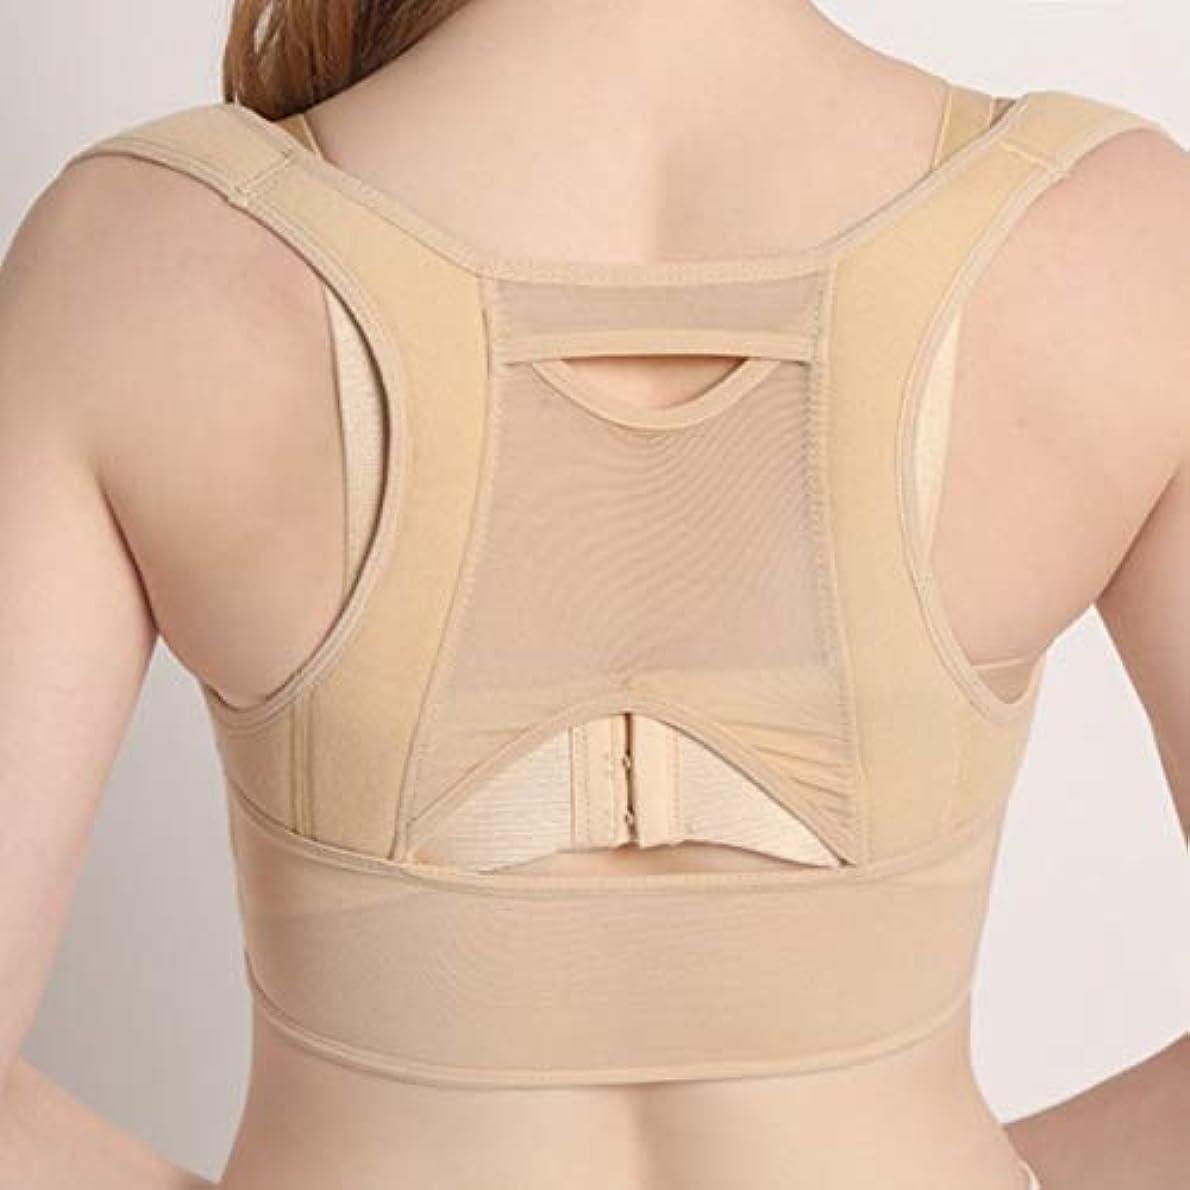 若さアマチュアステープル通気性のある女性の背中の姿勢矯正コルセット整形外科の背中の肩の背骨の姿勢矯正腰椎サポート - ベージュホワイトL